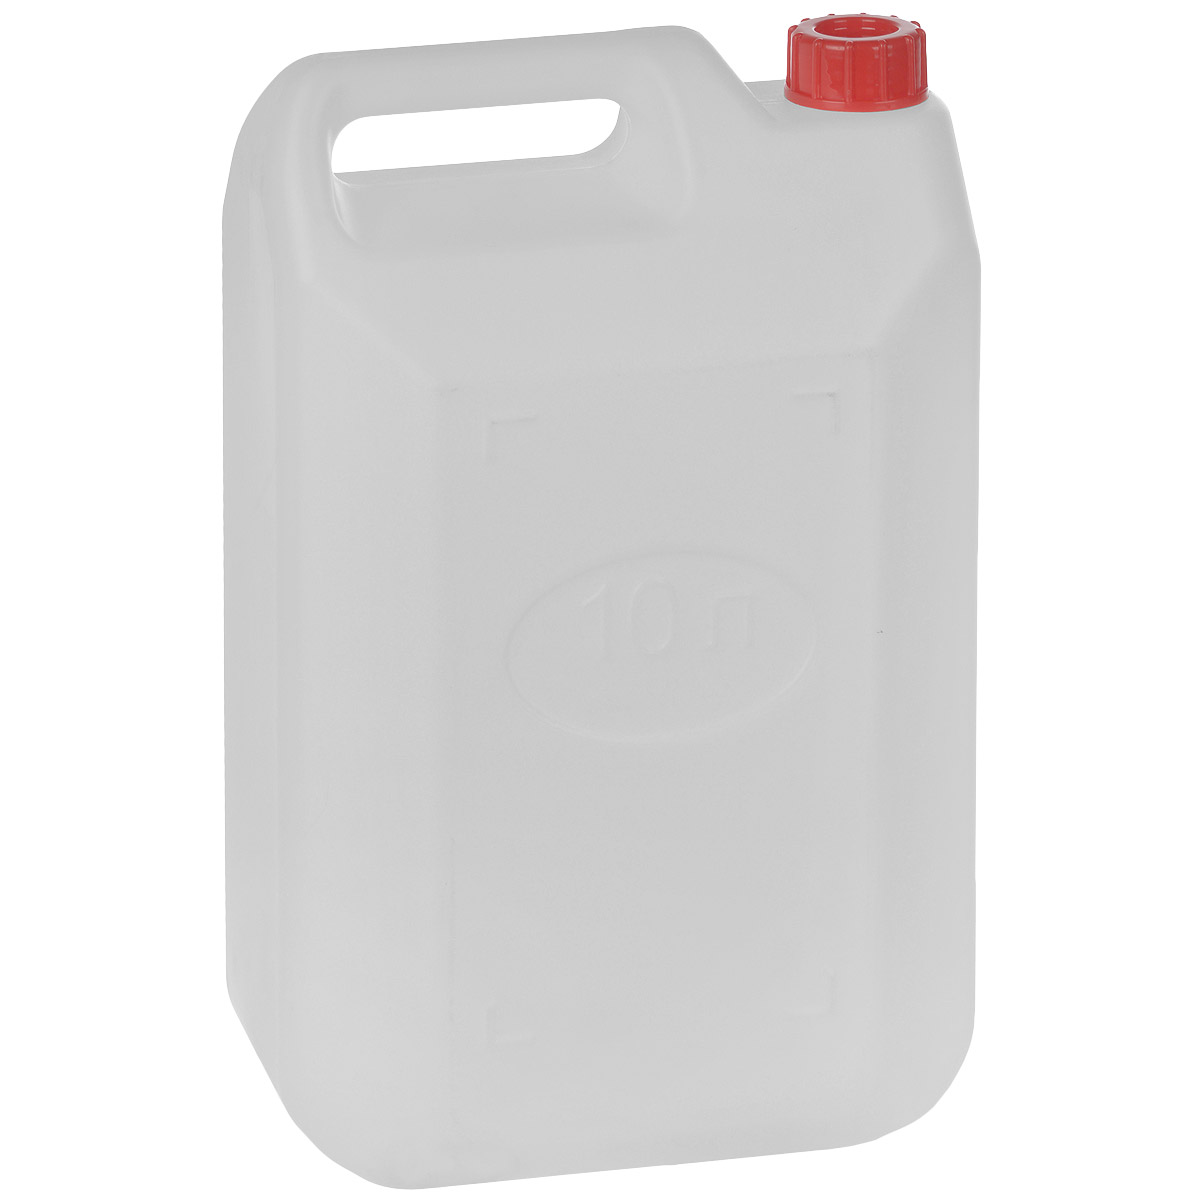 Канистра прямоугольная Альтернатива, 10 лМ122Канистра Альтернатива на 10 литров, изготовленная из прочного пластика, несомненно, пригодится вам во время путешествия. Предназначена для переноски и хранения различных жидкостей.